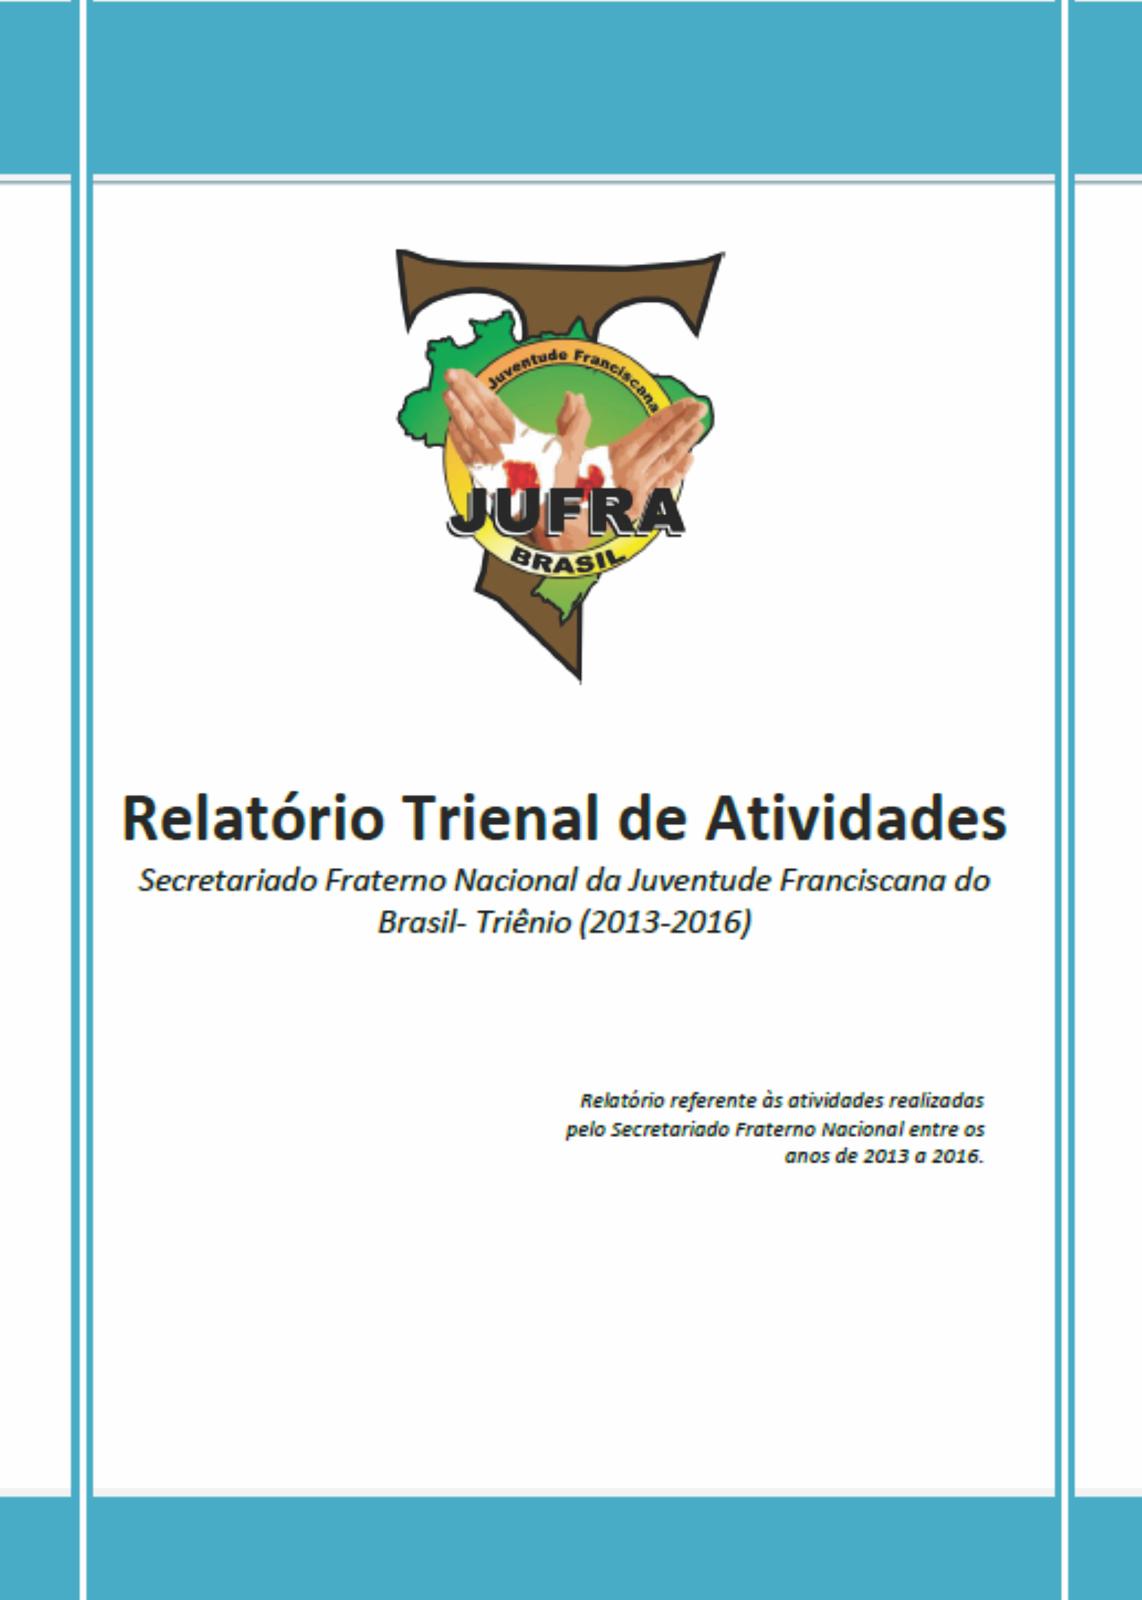 RELATÓRIO TRIENAL DE ATIVIDADES